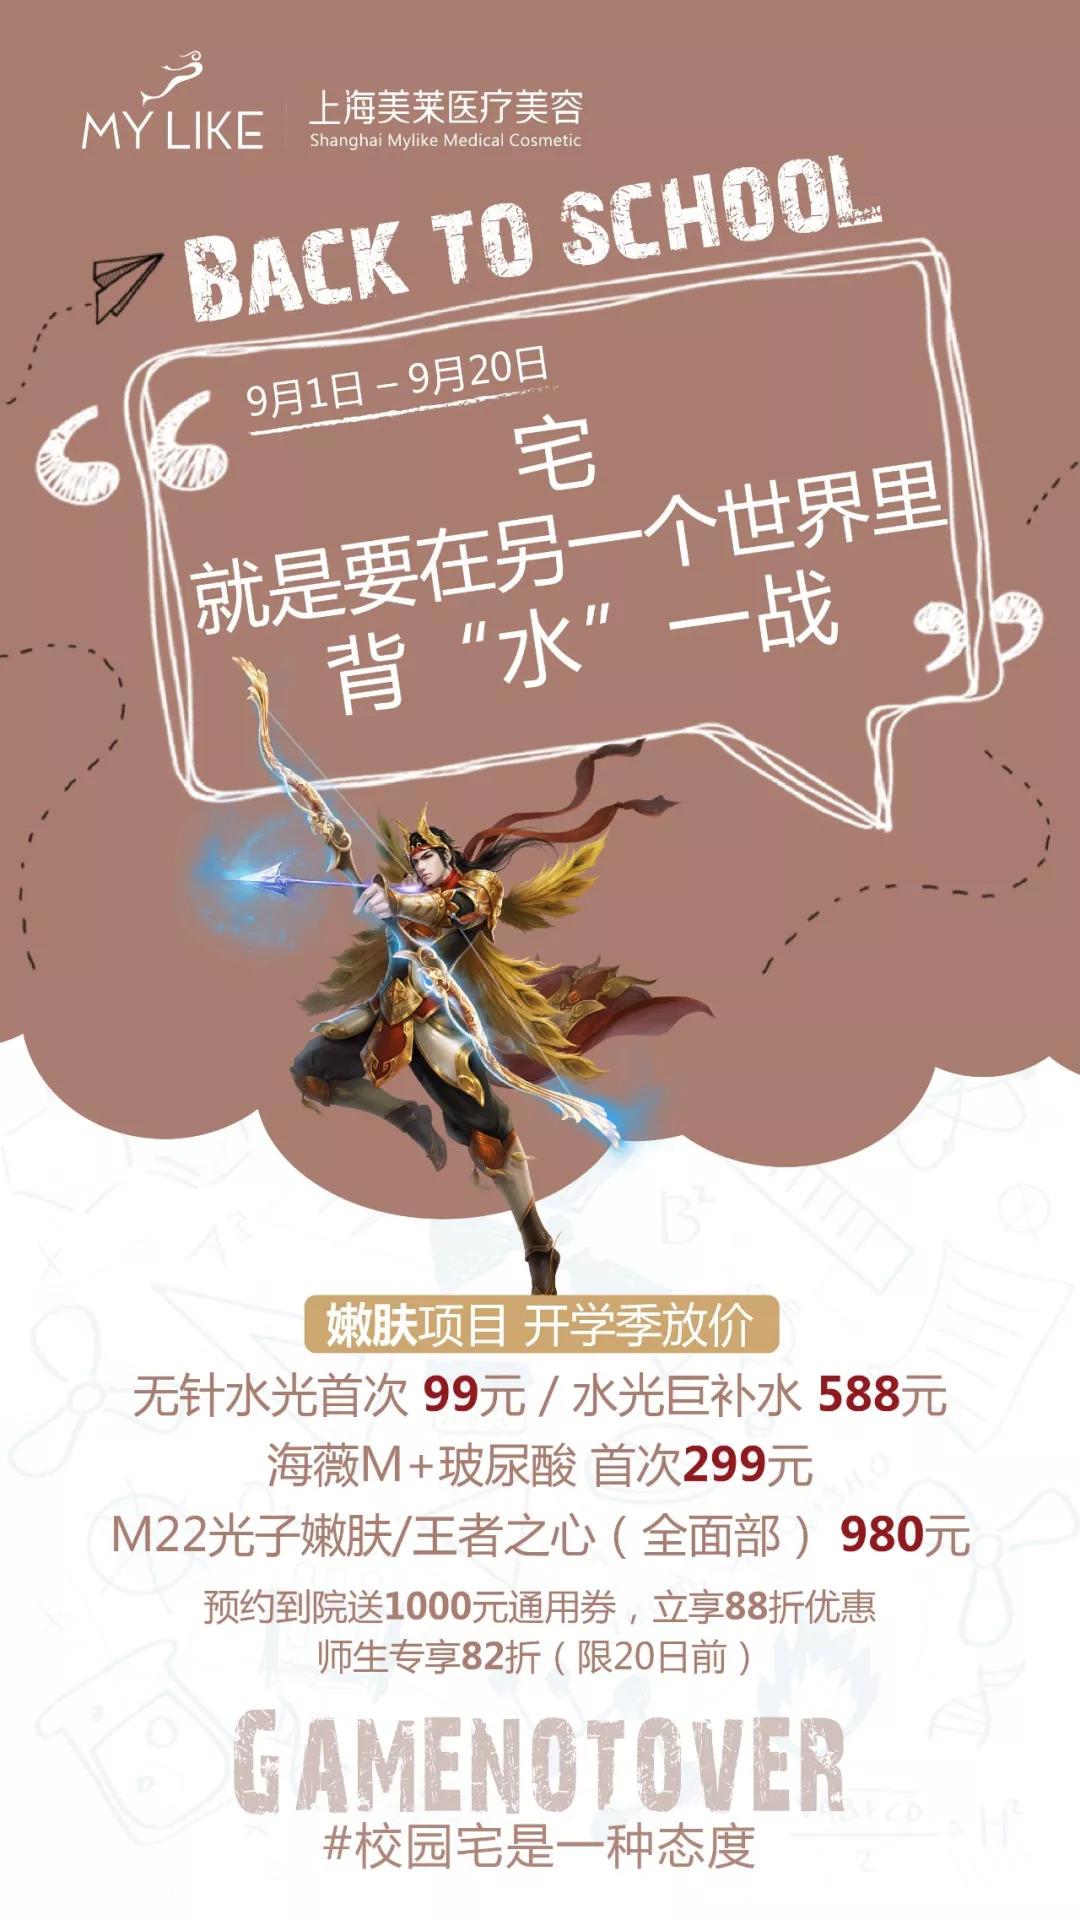 上海美莱科学美肤—快速美白做校花!